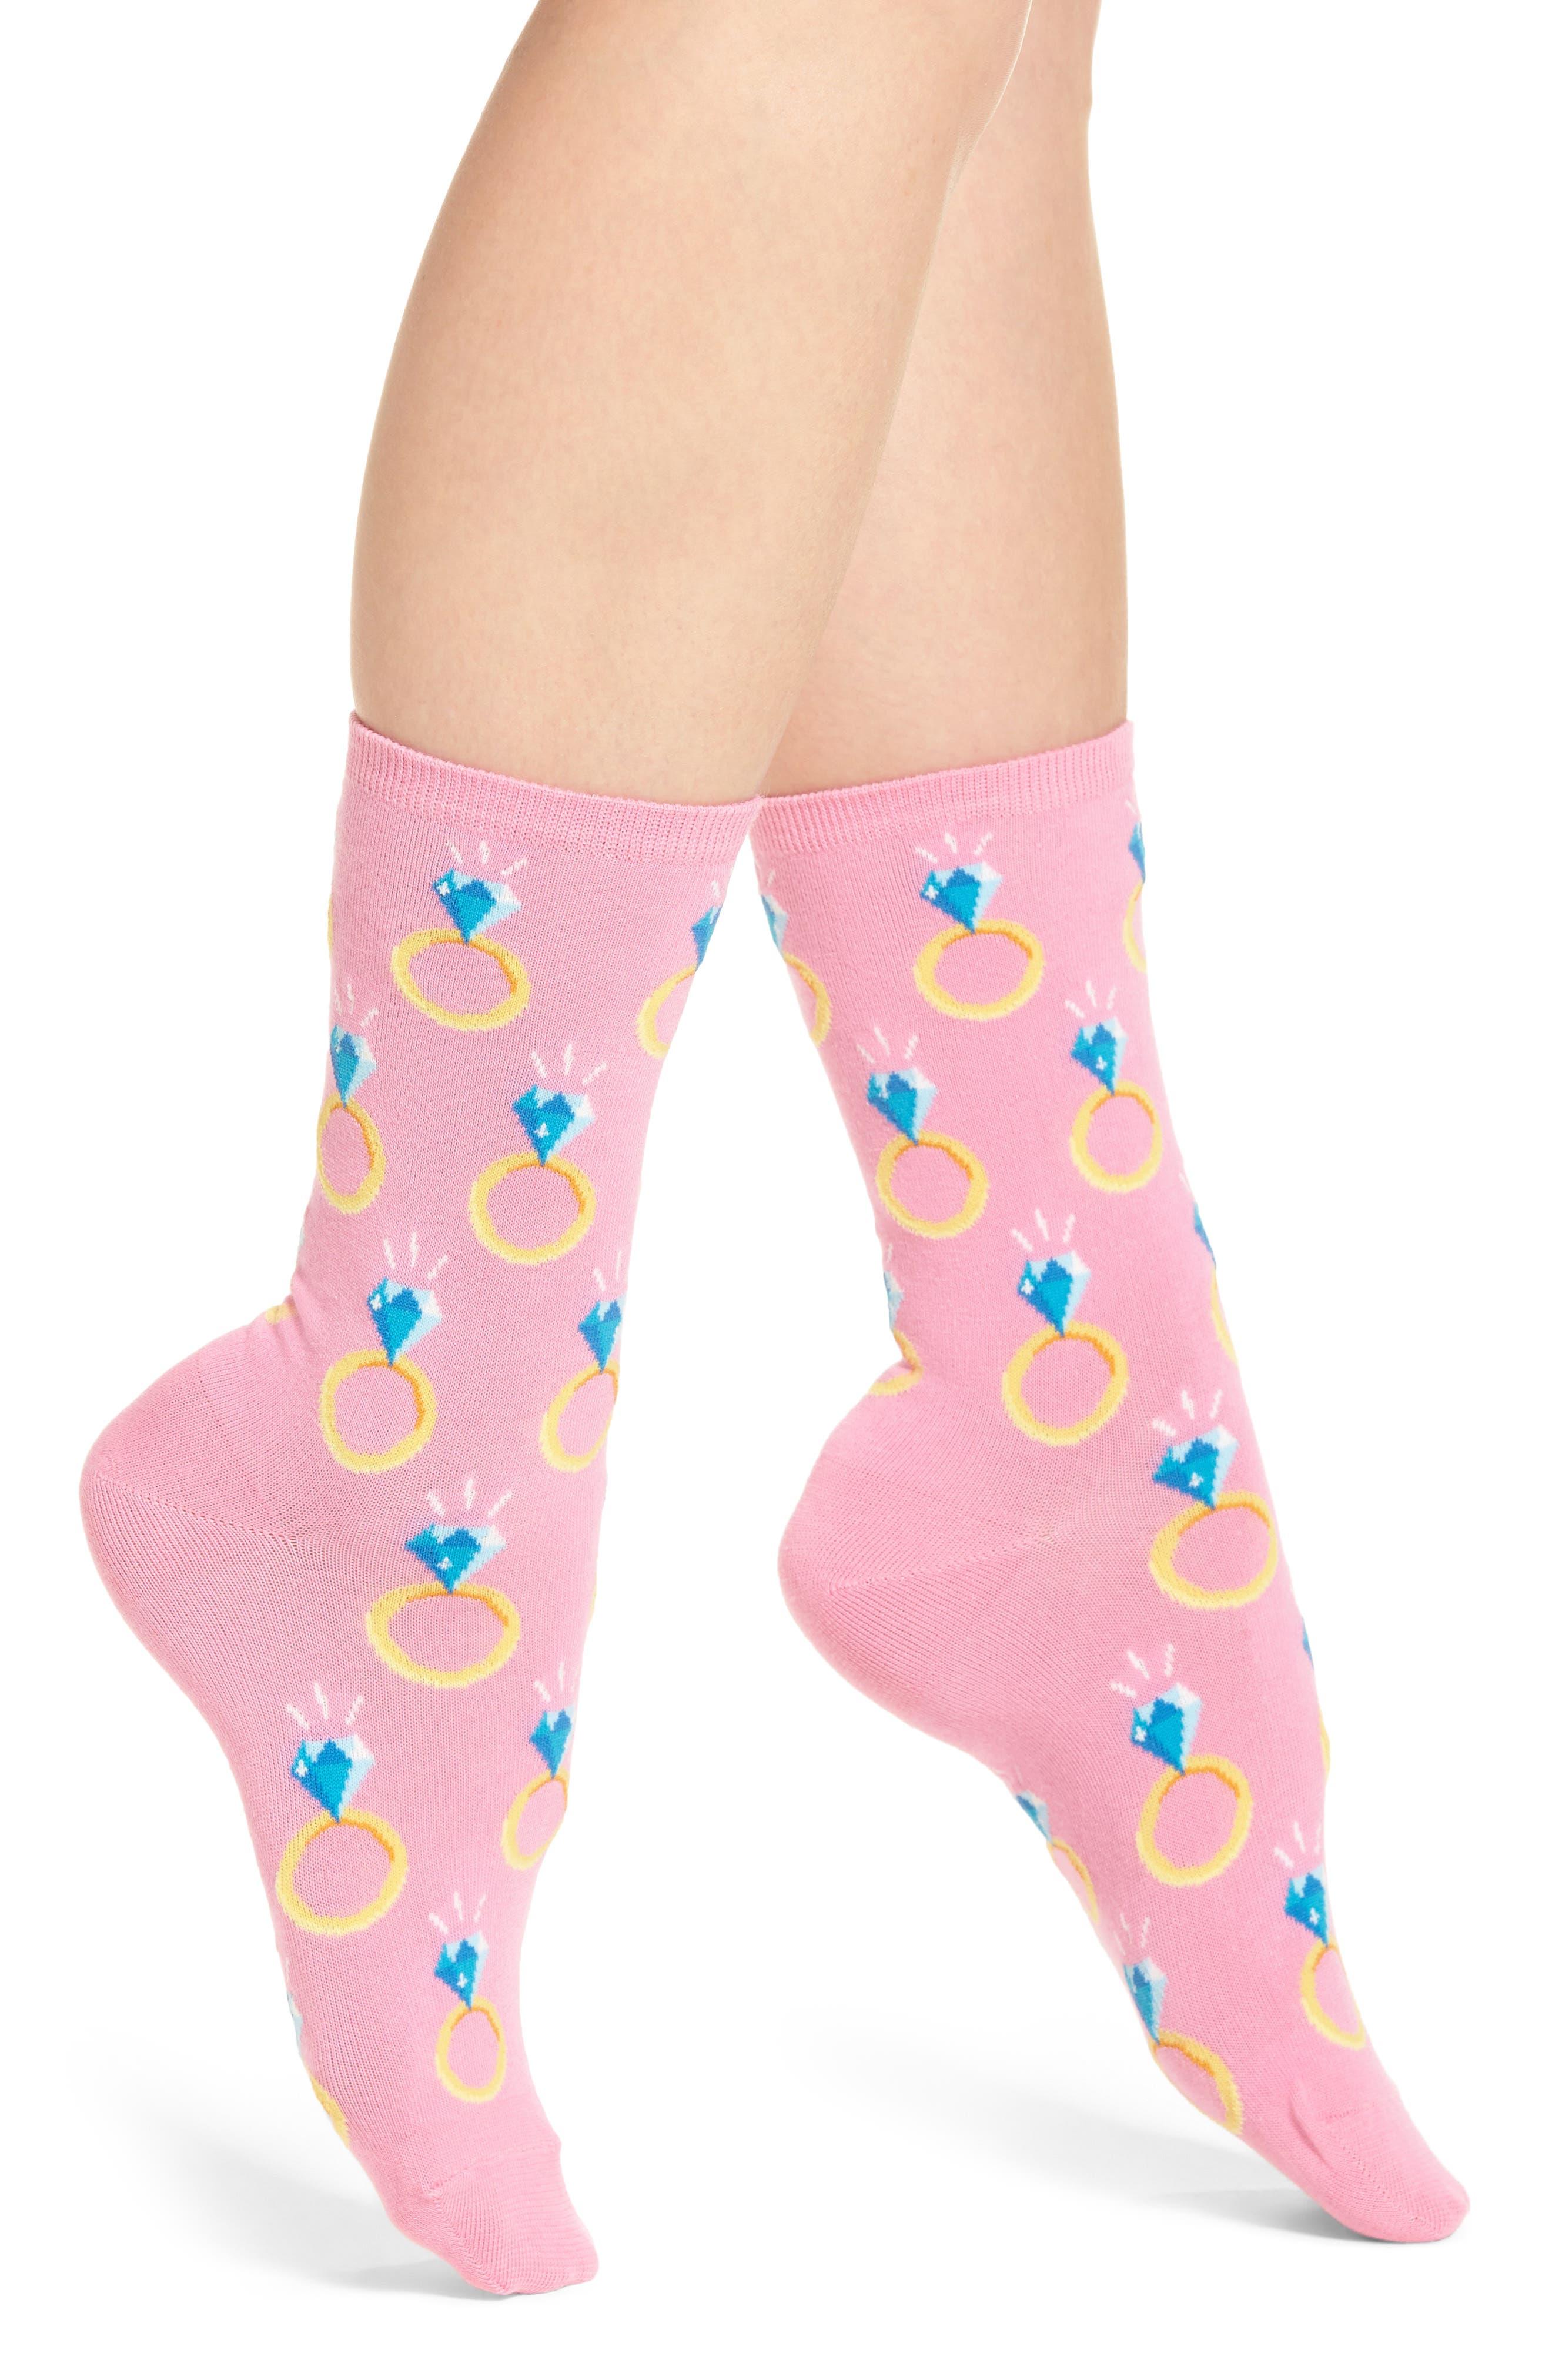 Engagement Ring Crew Socks,                         Main,                         color, Petal Pink